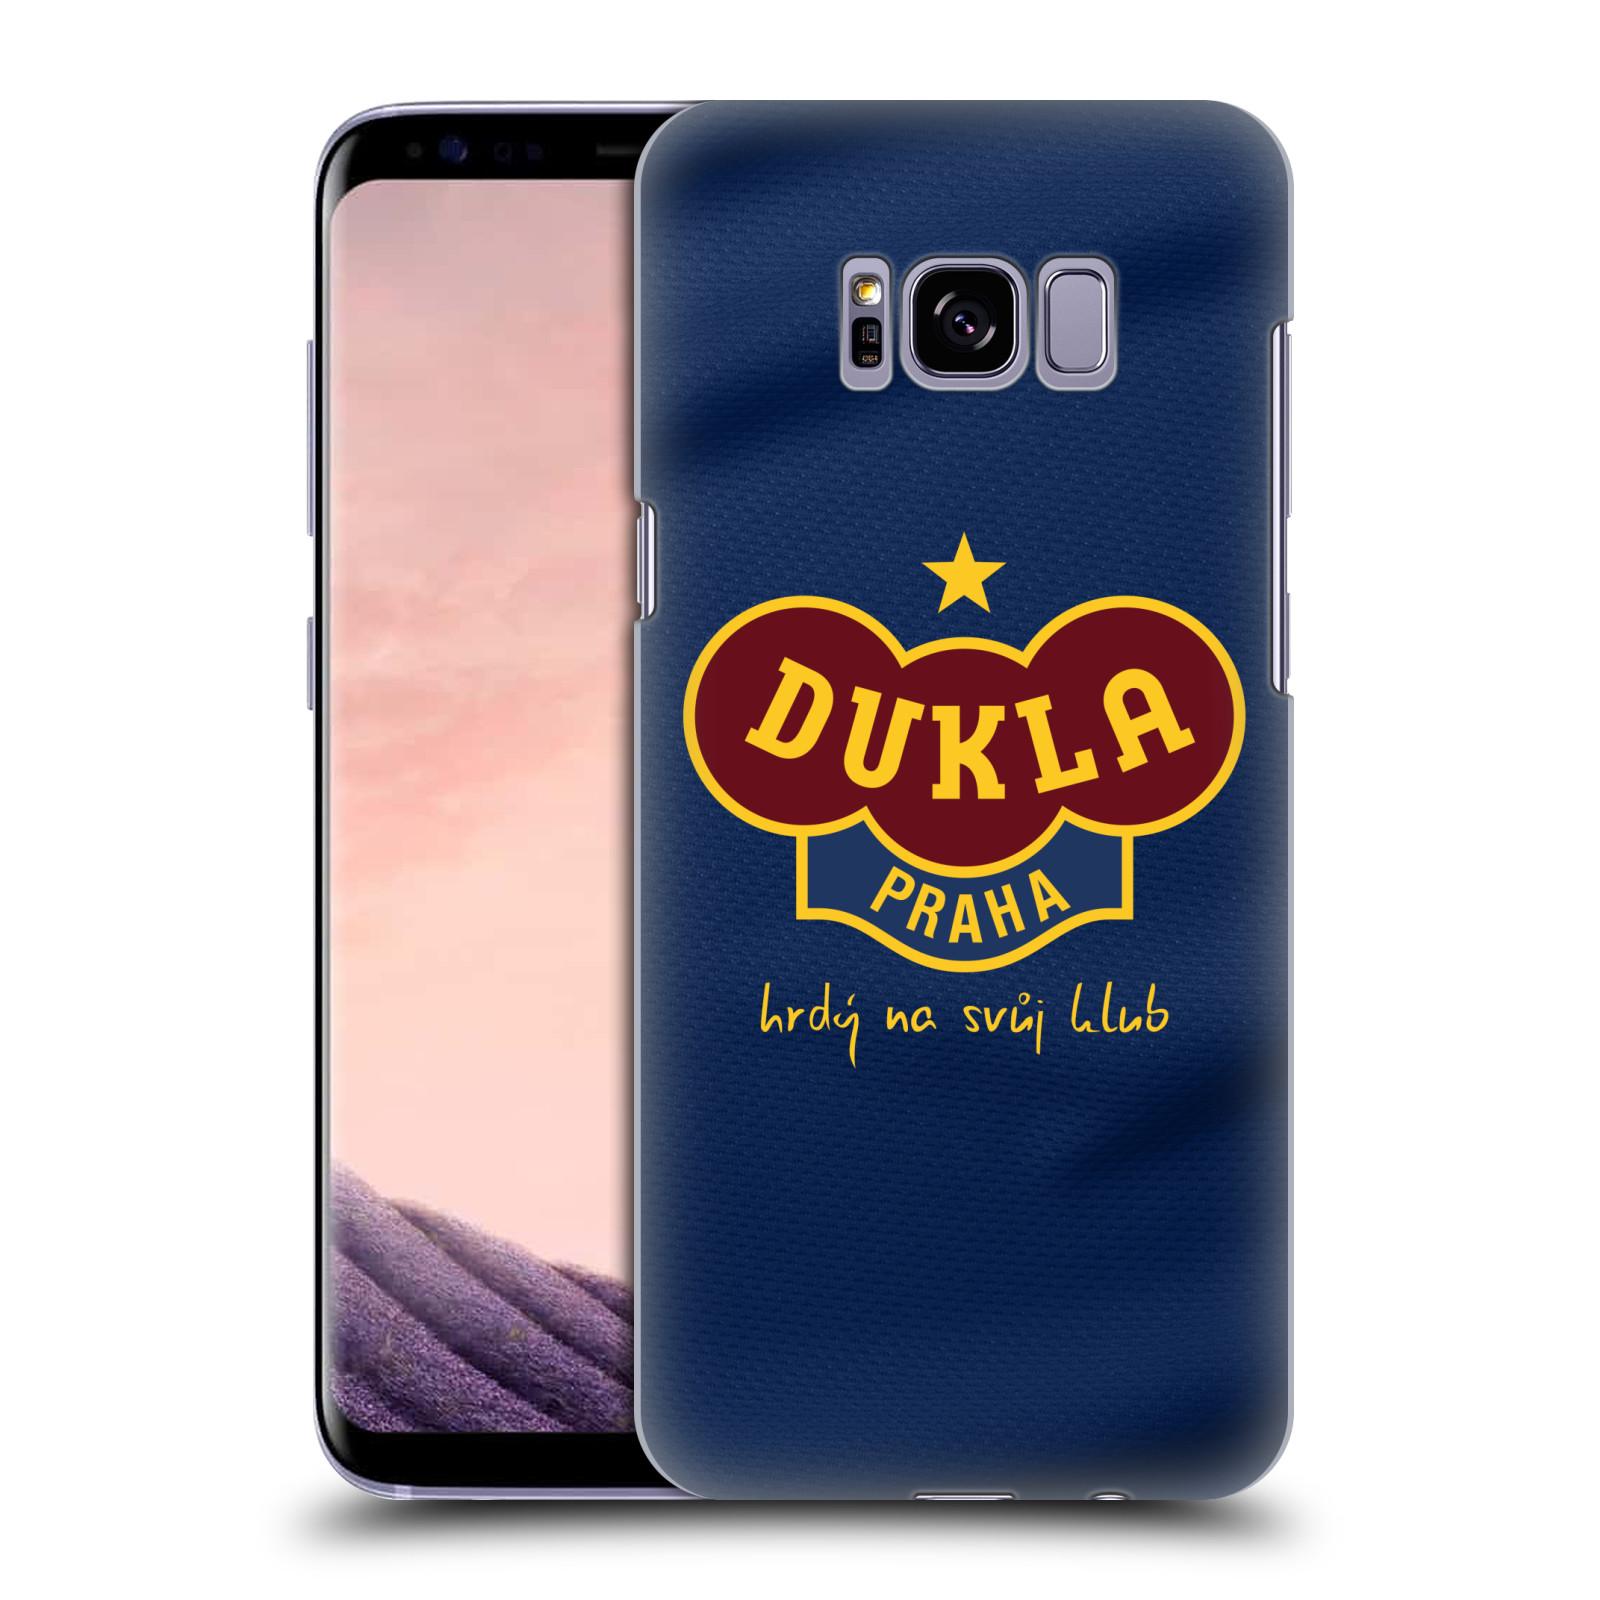 Plastové pouzdro na mobil Samsung Galaxy S8+ (Plus) - FK Dukla Praha - Modrý dres